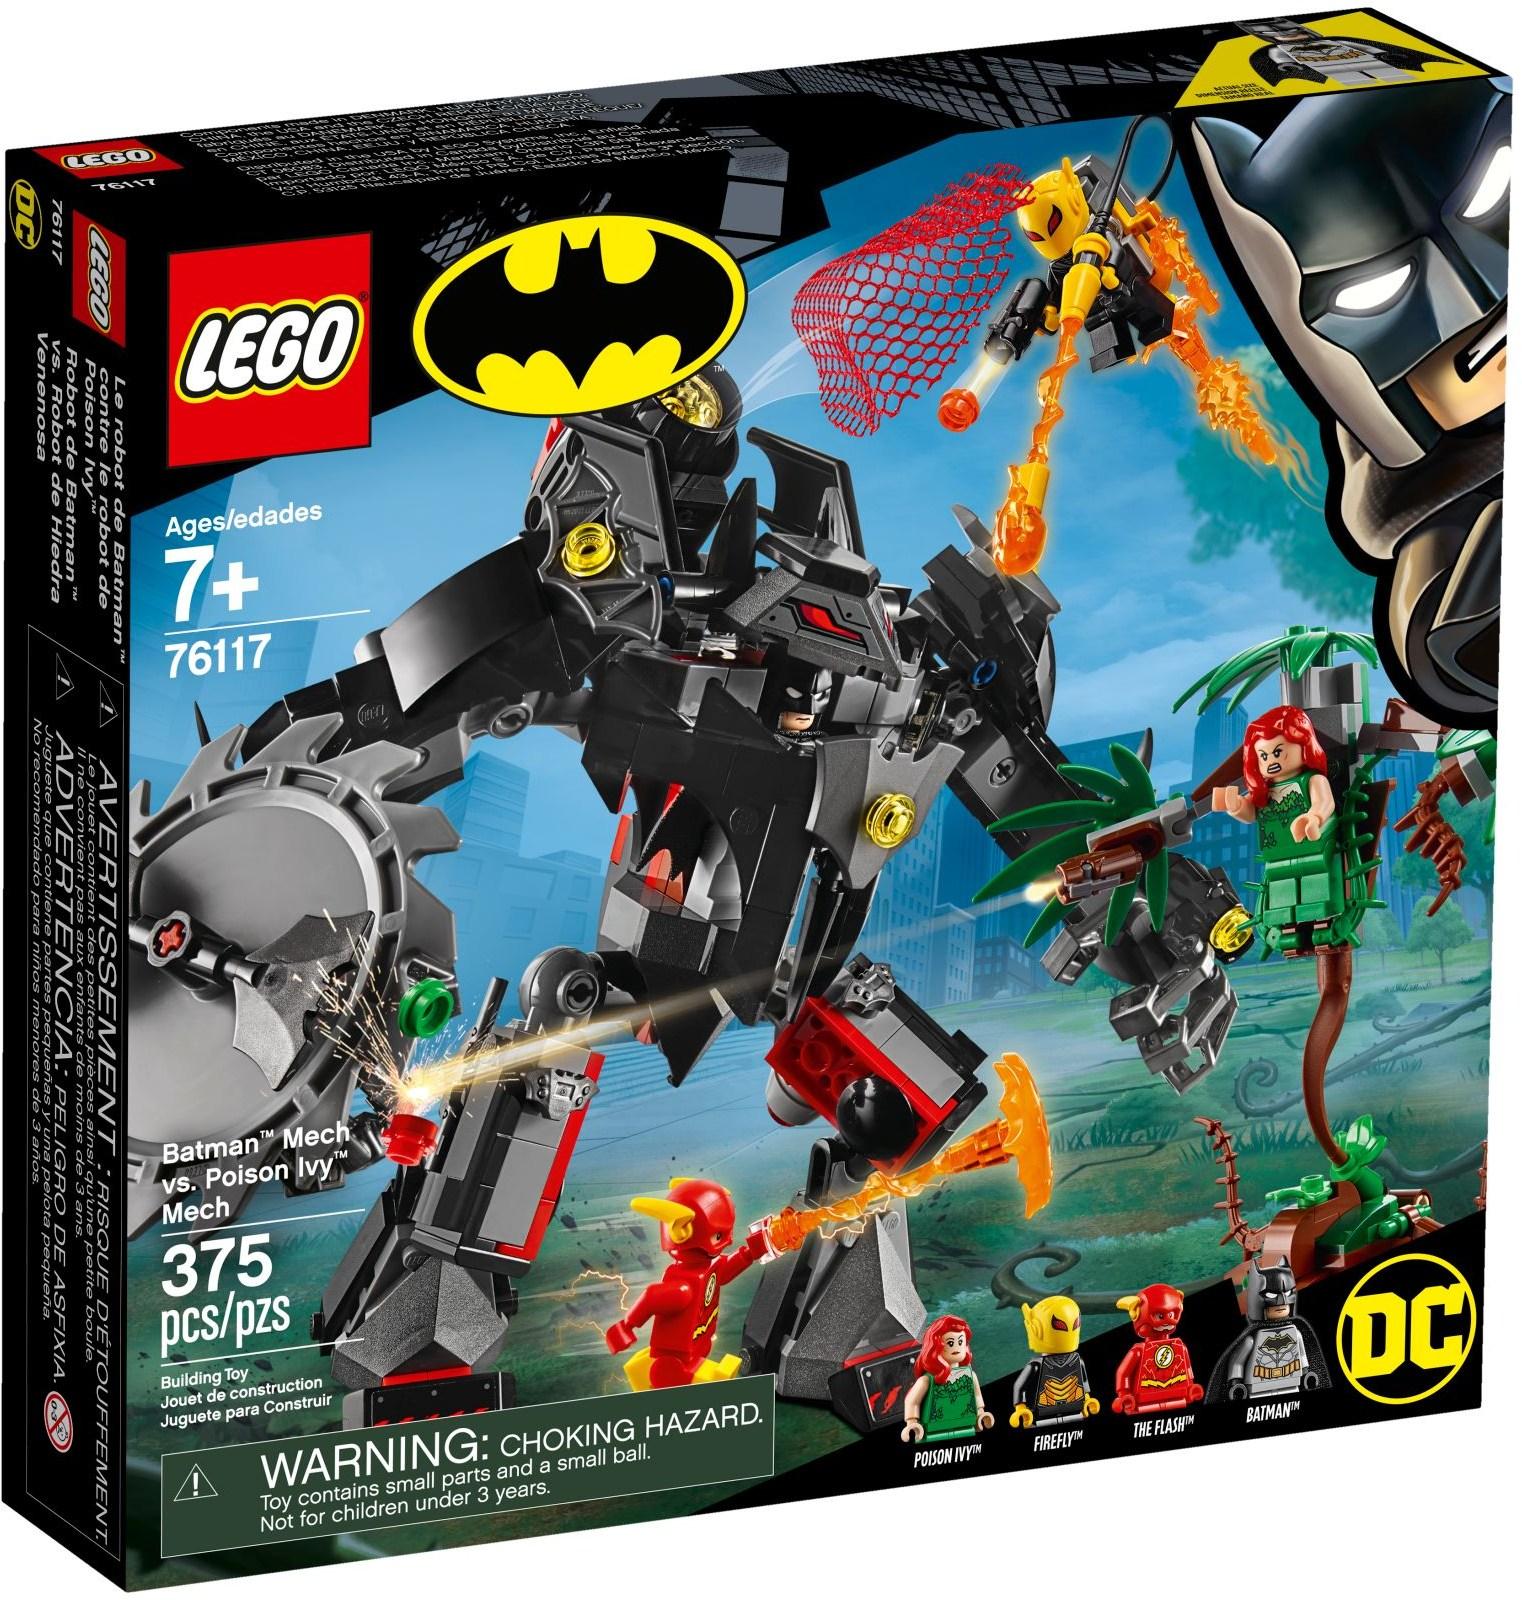 76117 Batman Mech vs. Poison Ivy Mech